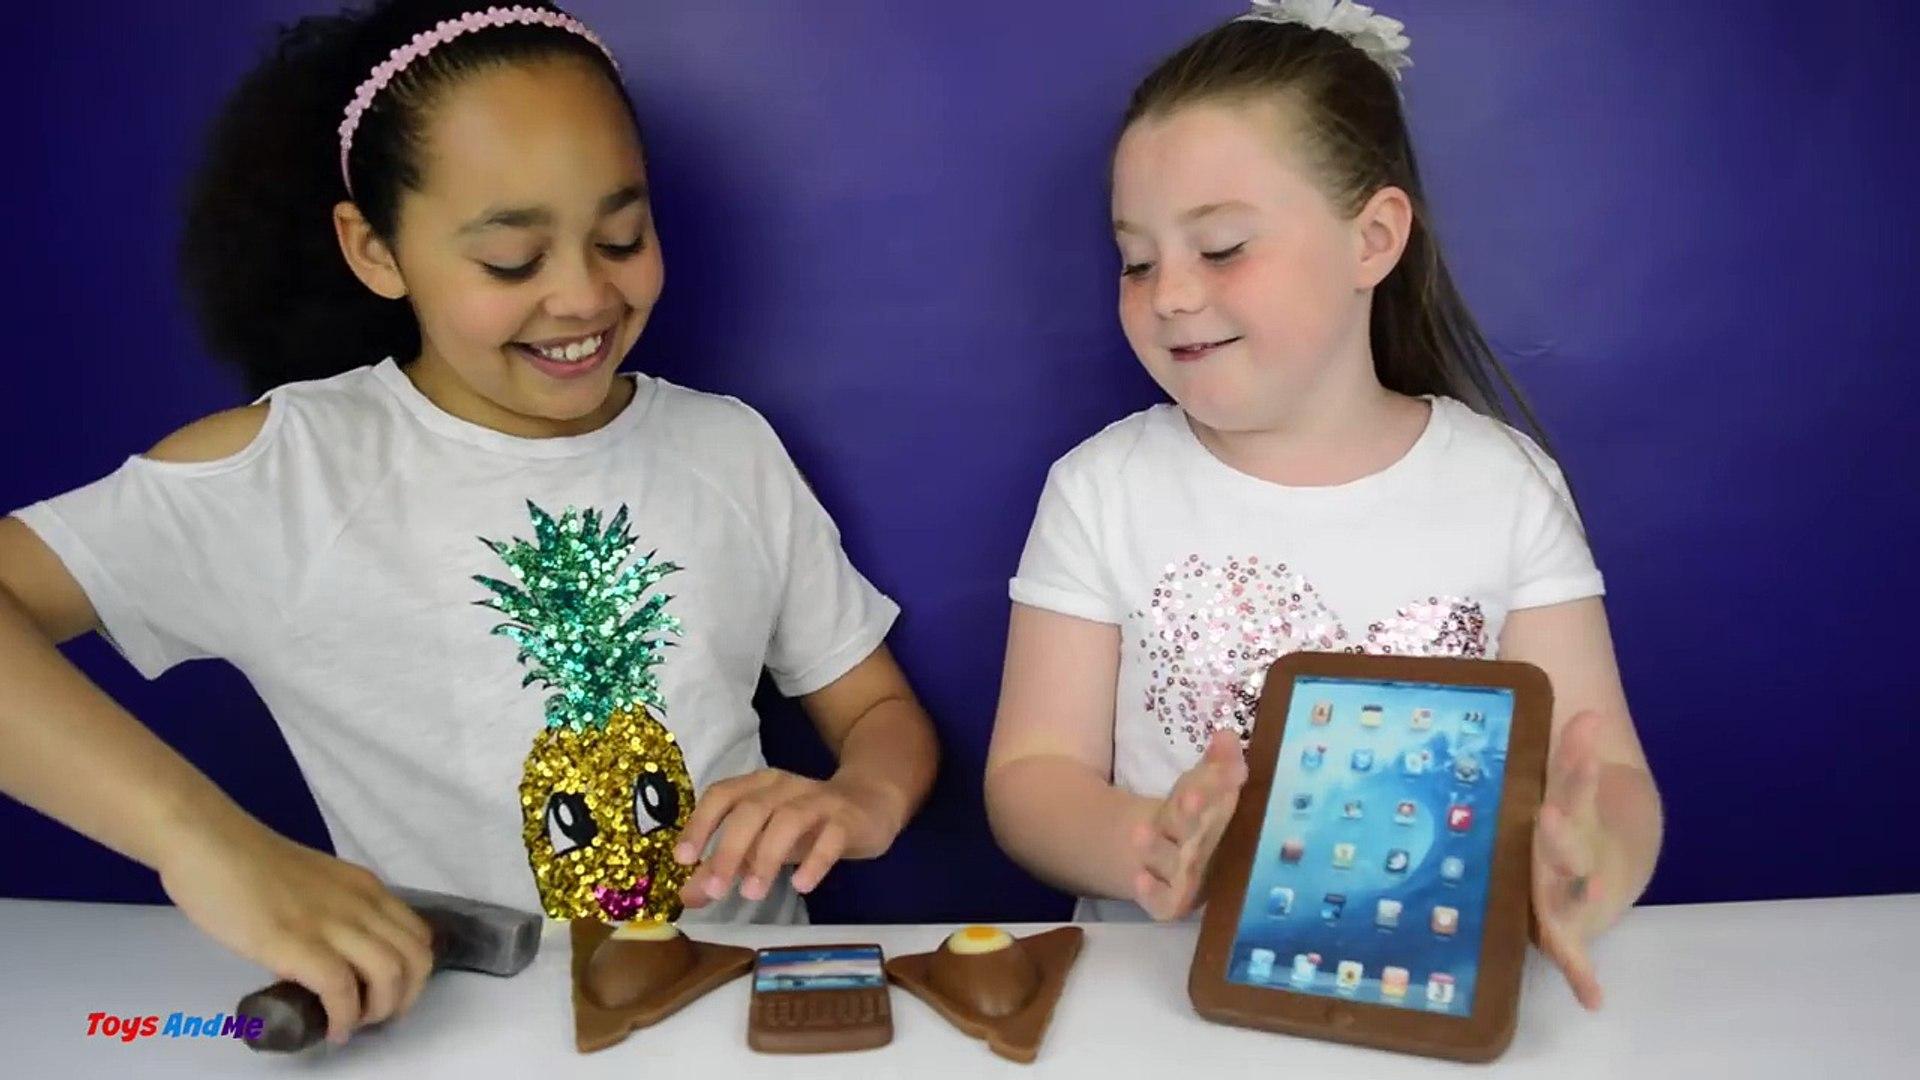 Трепку с с с с с с кекс шоколад яйцо Молот сэндвич сюрприз Ipad iphone